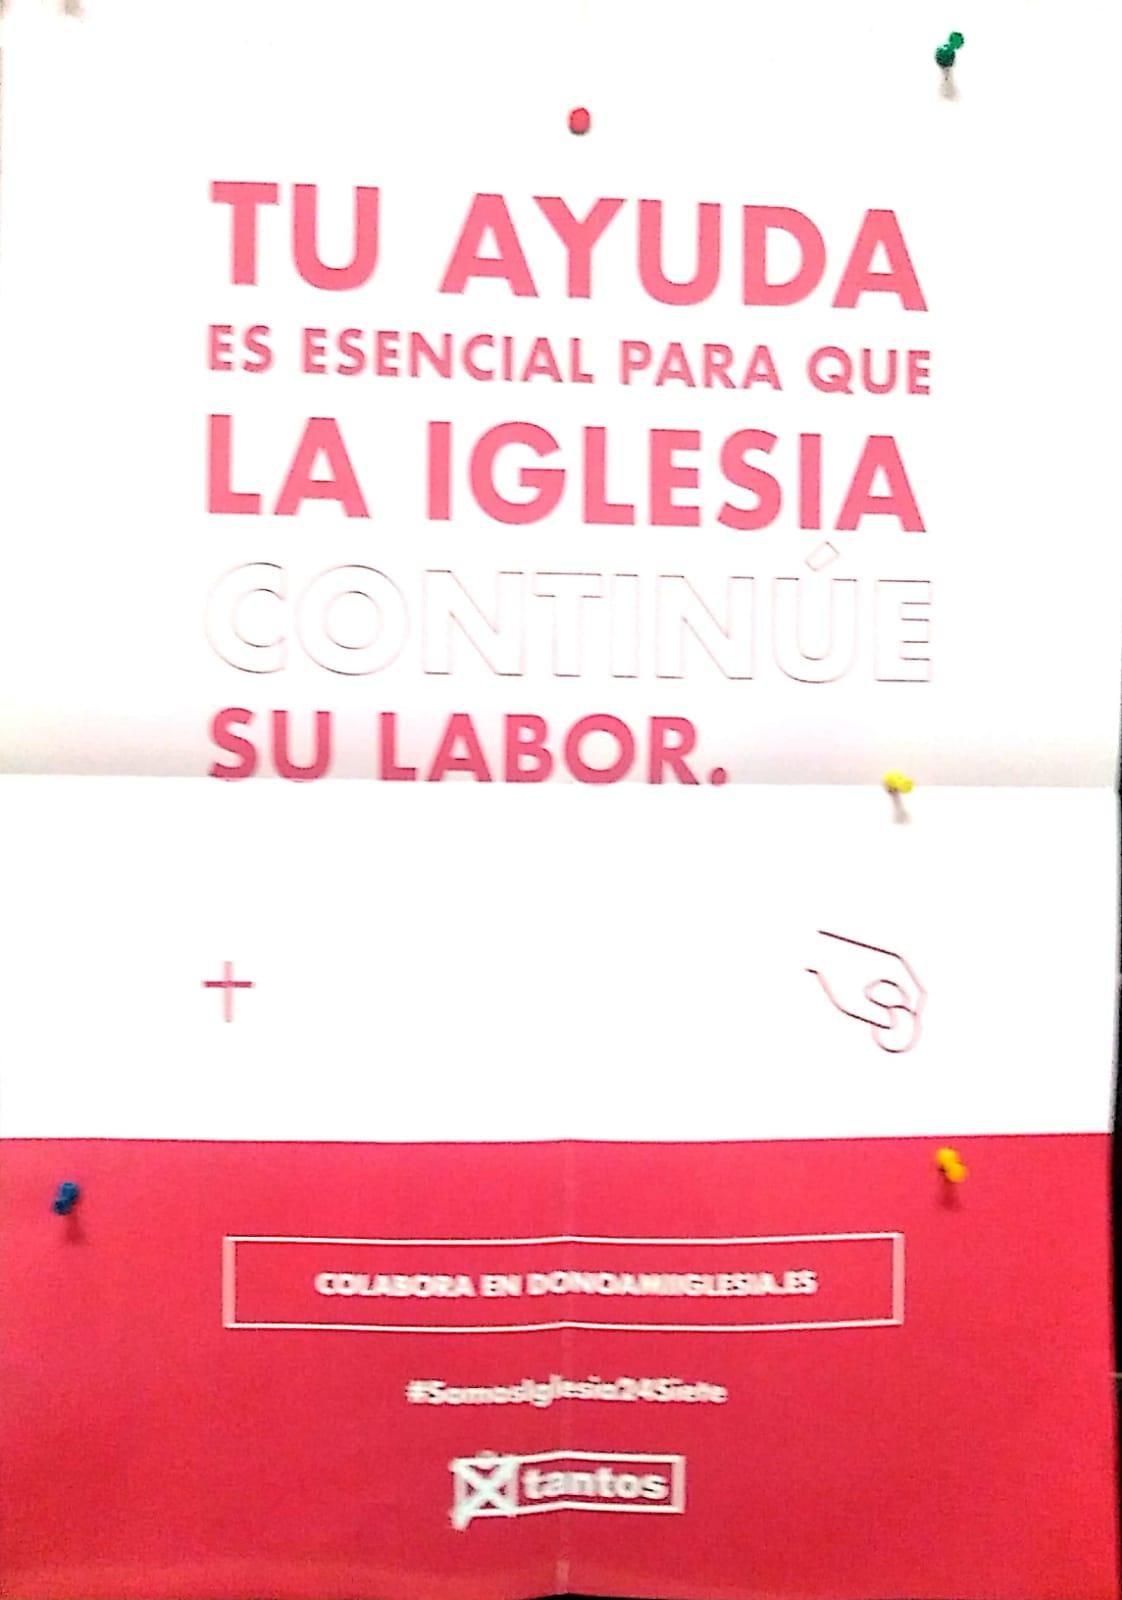 xtantos-labor-iglesia@pmillancayetano